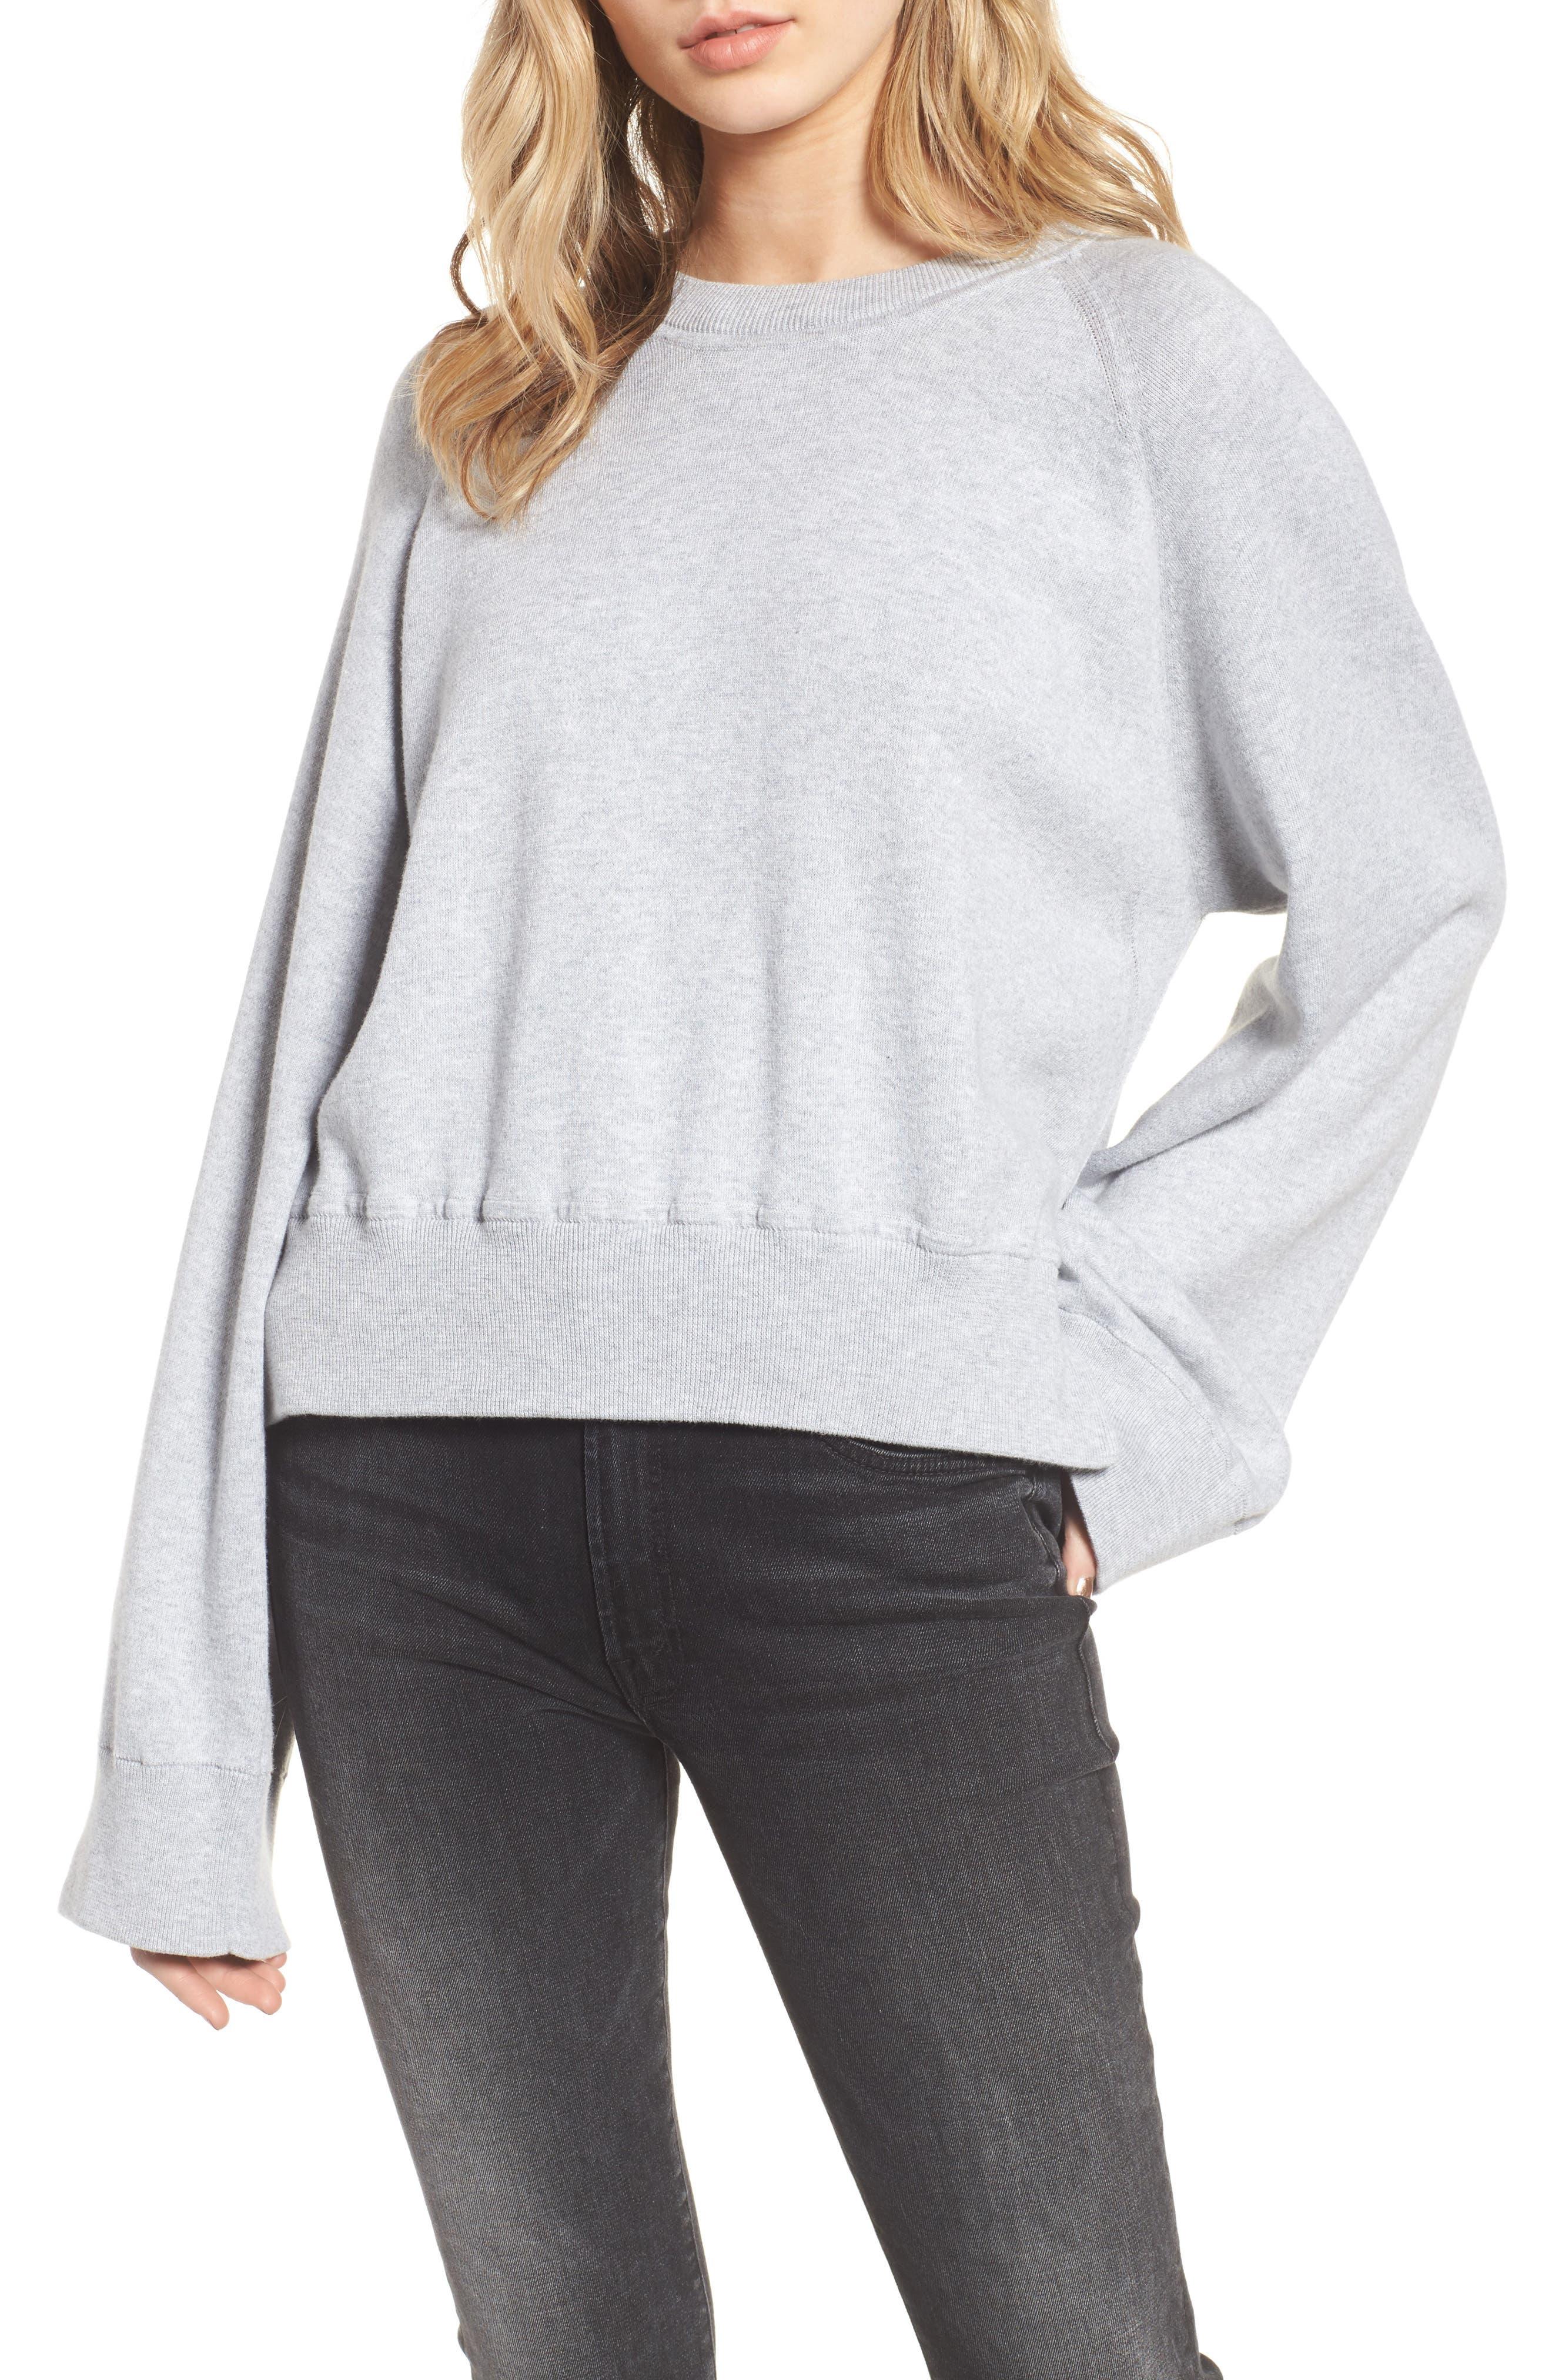 Lea Sweatshirt,                         Main,                         color, Grey